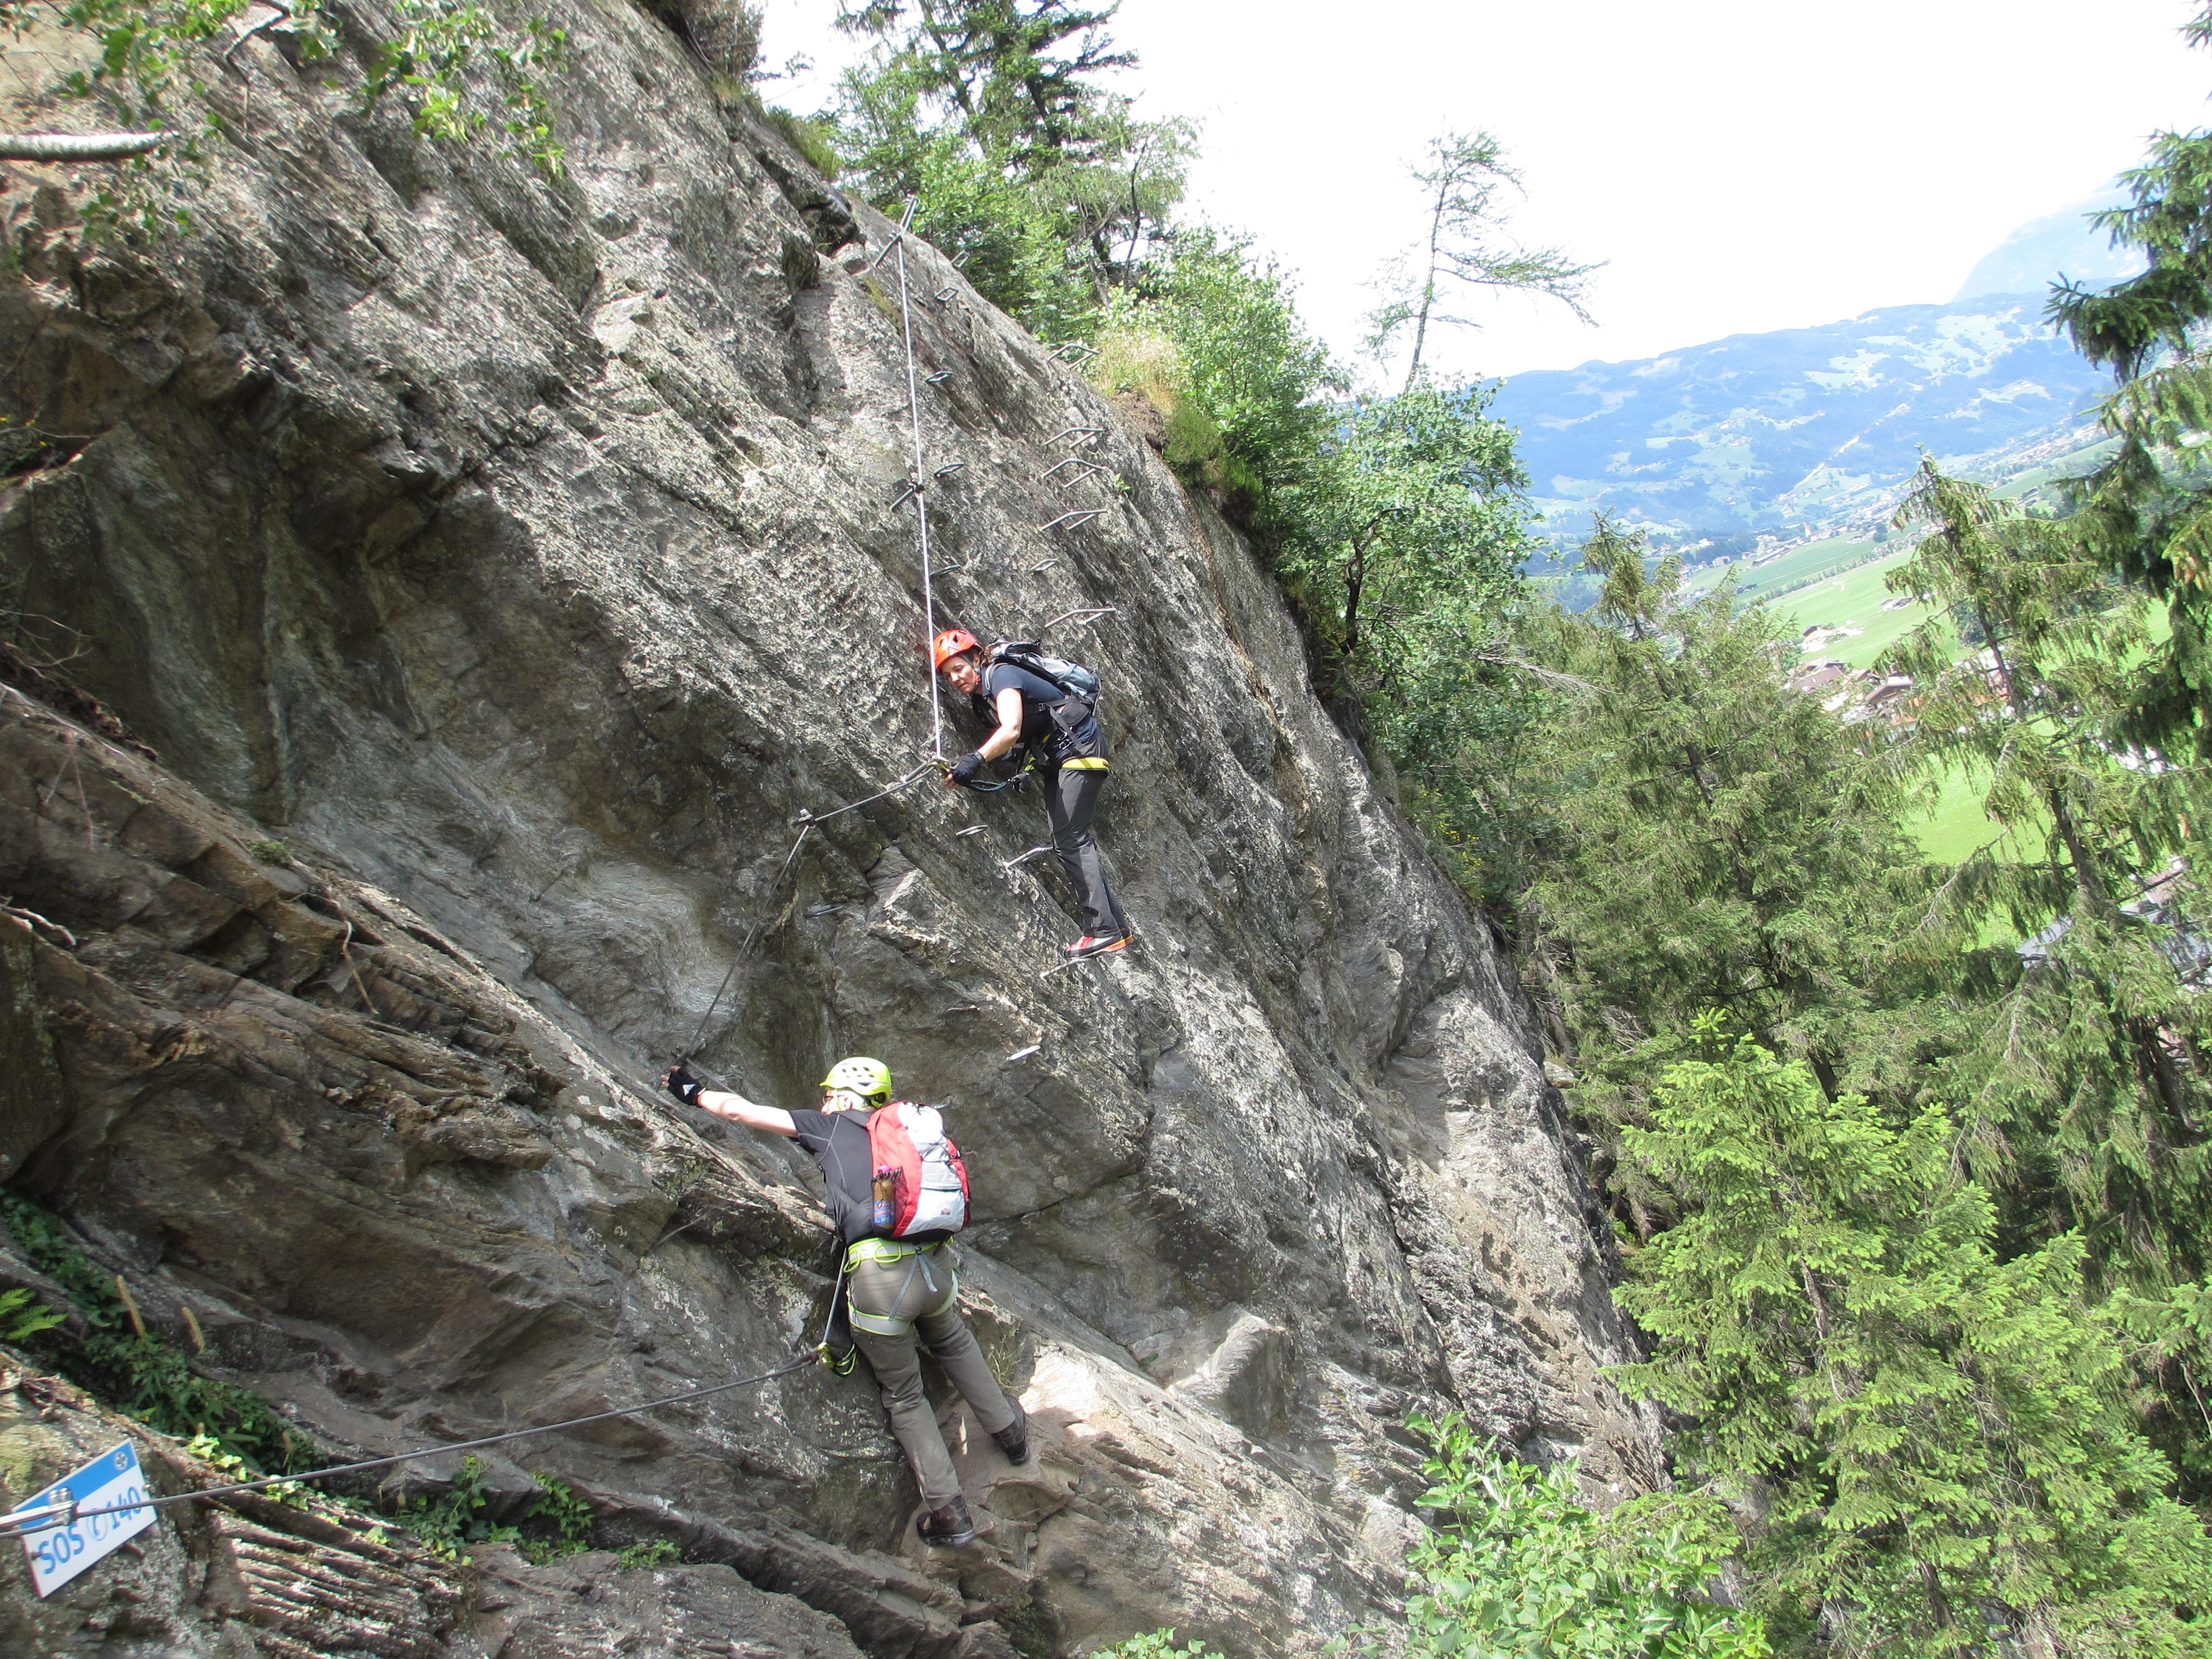 Kletterausrüstung Zillertal : Klettern im zillertal dem aktivsten tal der welt blog hotel held